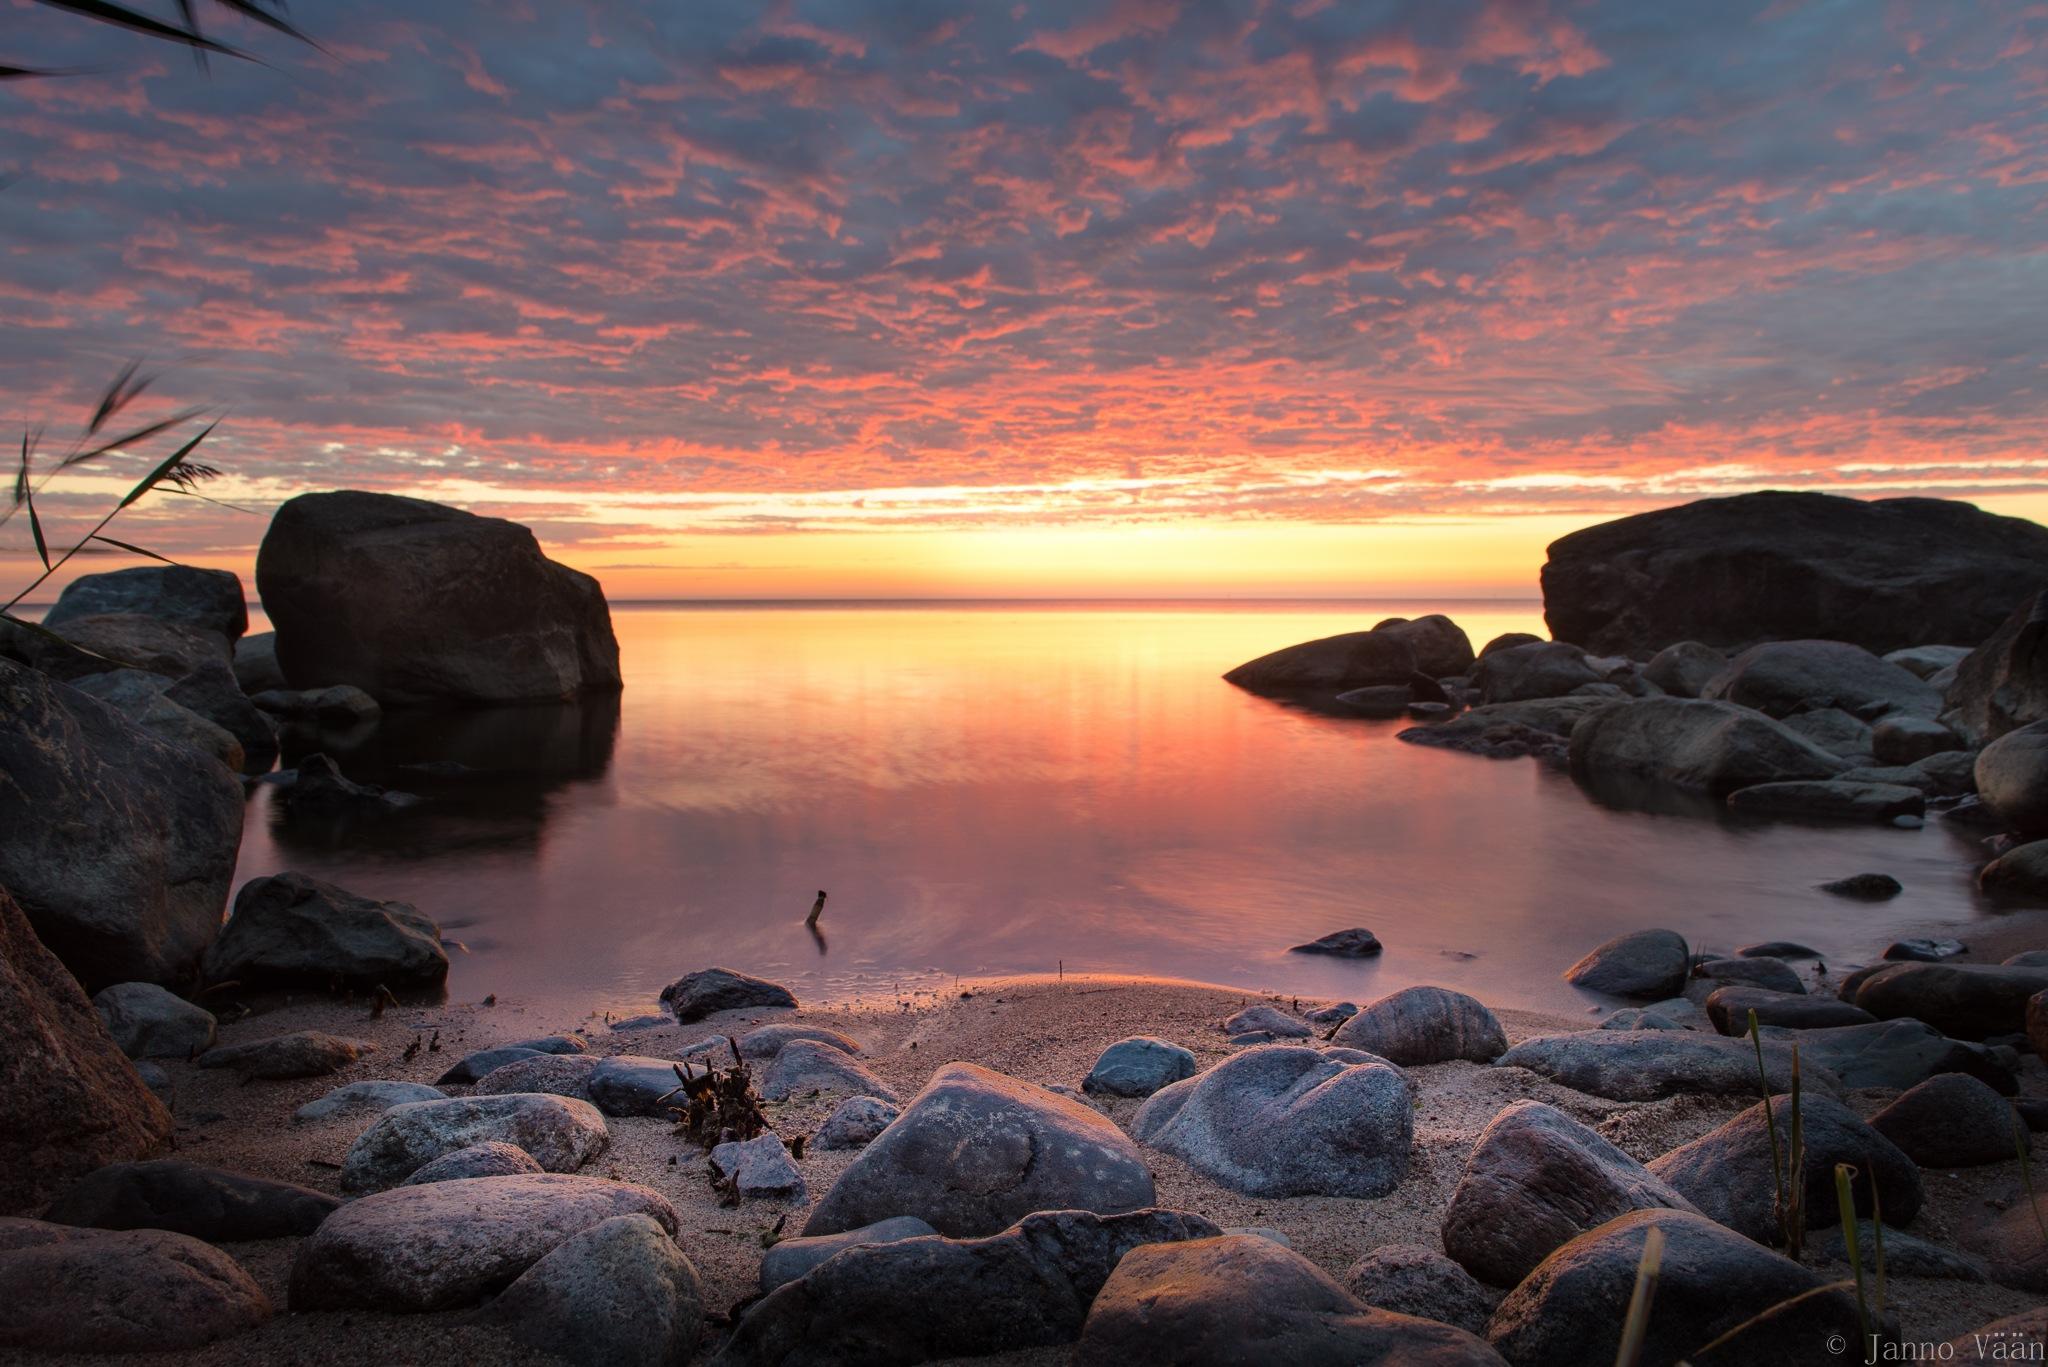 Primeval sea by Janno Vään